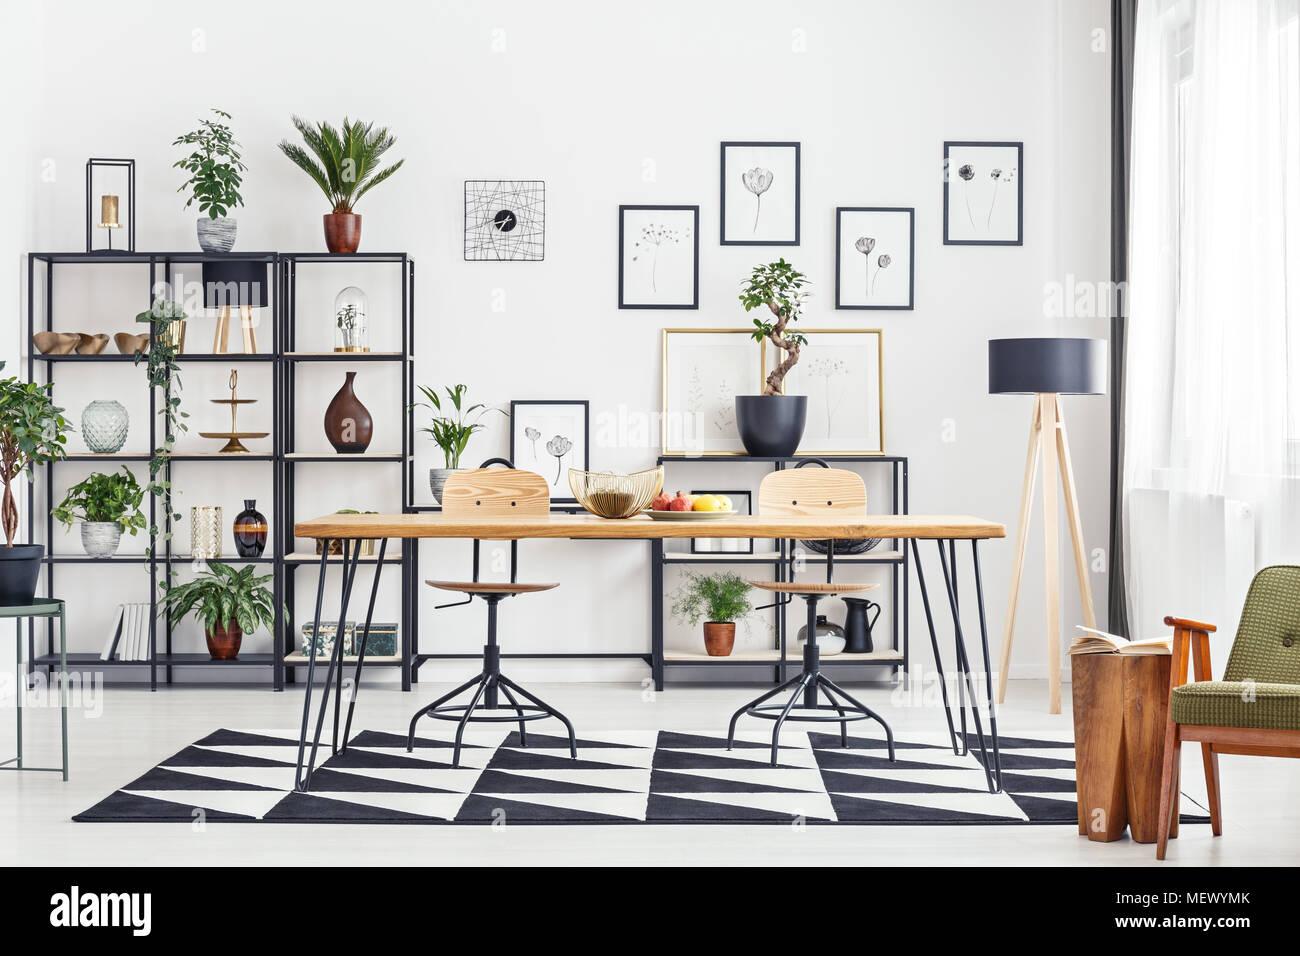 Haarnadel Tabelle mit Früchten in Weiß Wohnzimmer